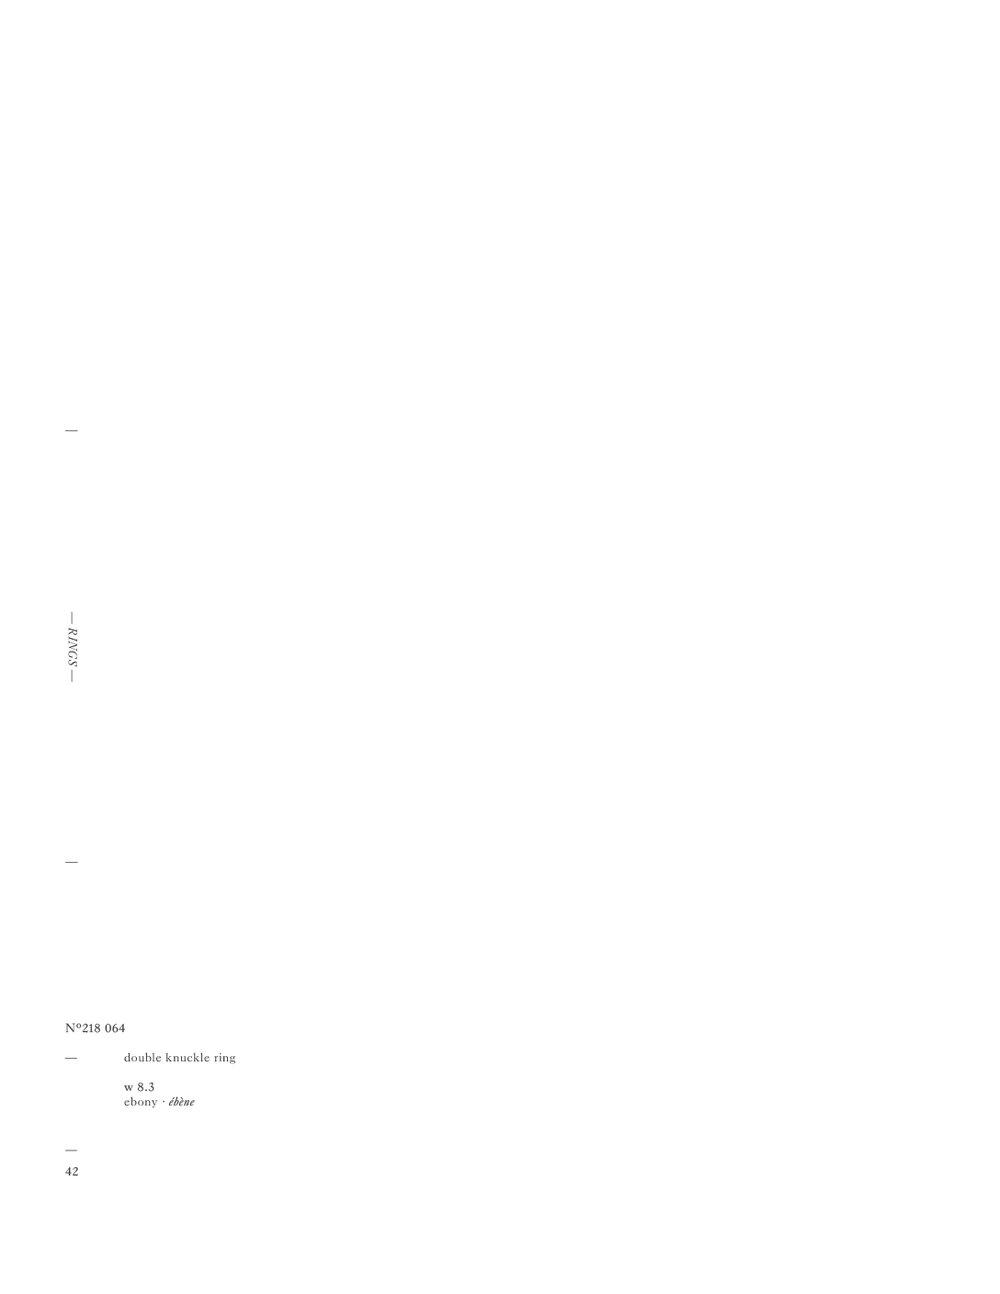 RAW - Statement IV_Embodies_JAN-18_lite-42.jpg